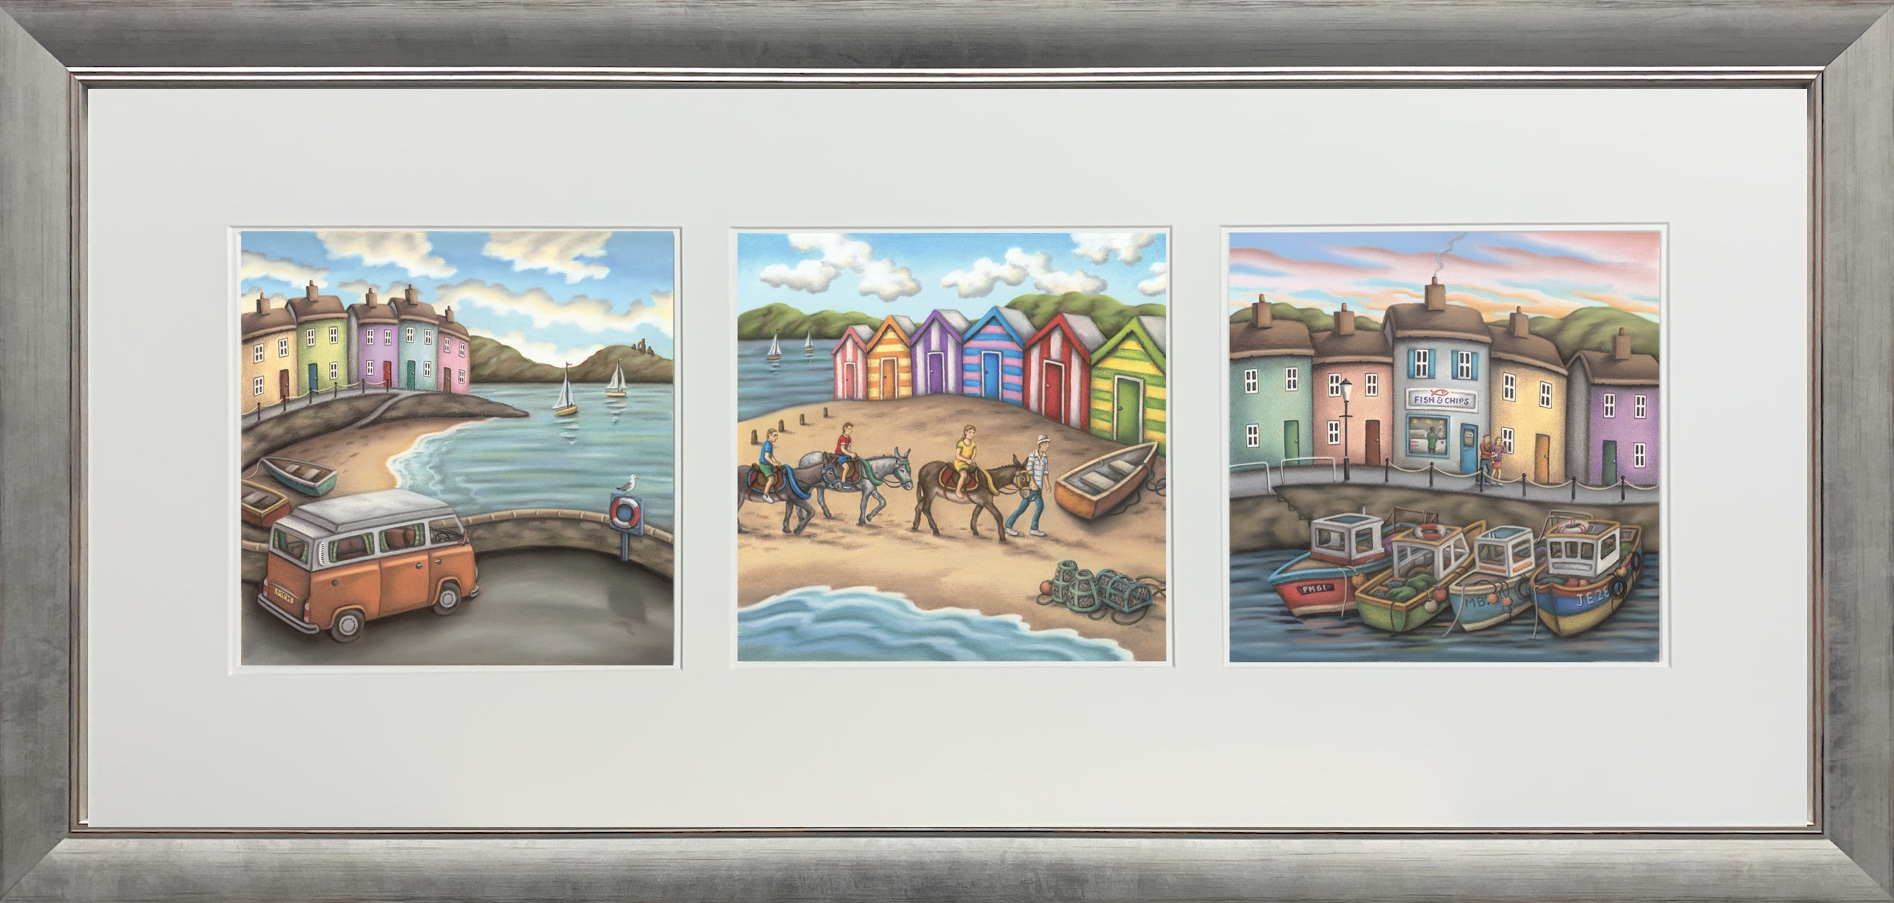 The Seaside Suite- Landscape by Paul Horton